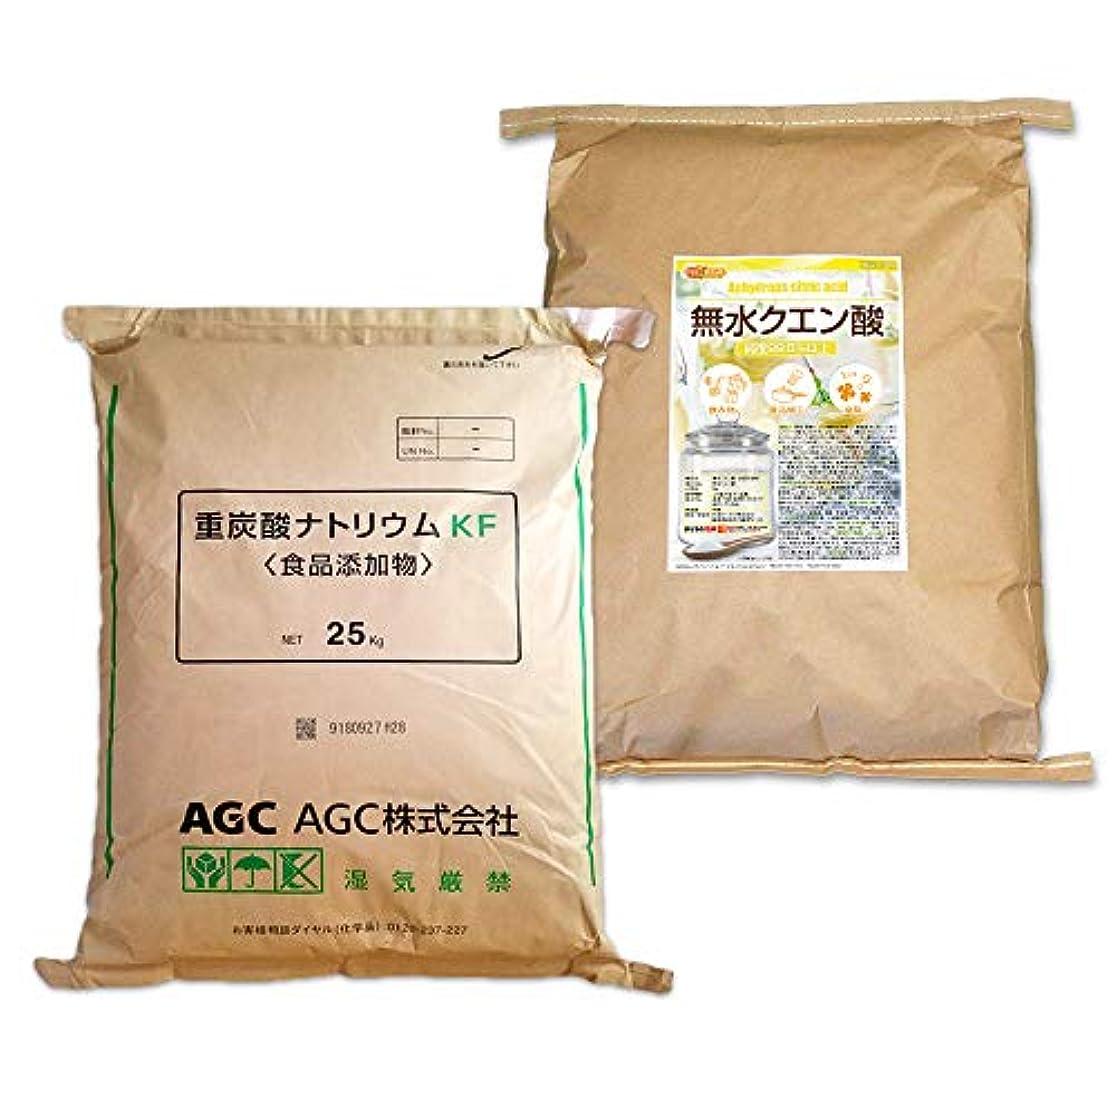 アシスタント人事かるAGC製 重曹 25kg + 無水 クエン酸 25kg セット [02] 【同梱不可】NICHIGA(ニチガ)